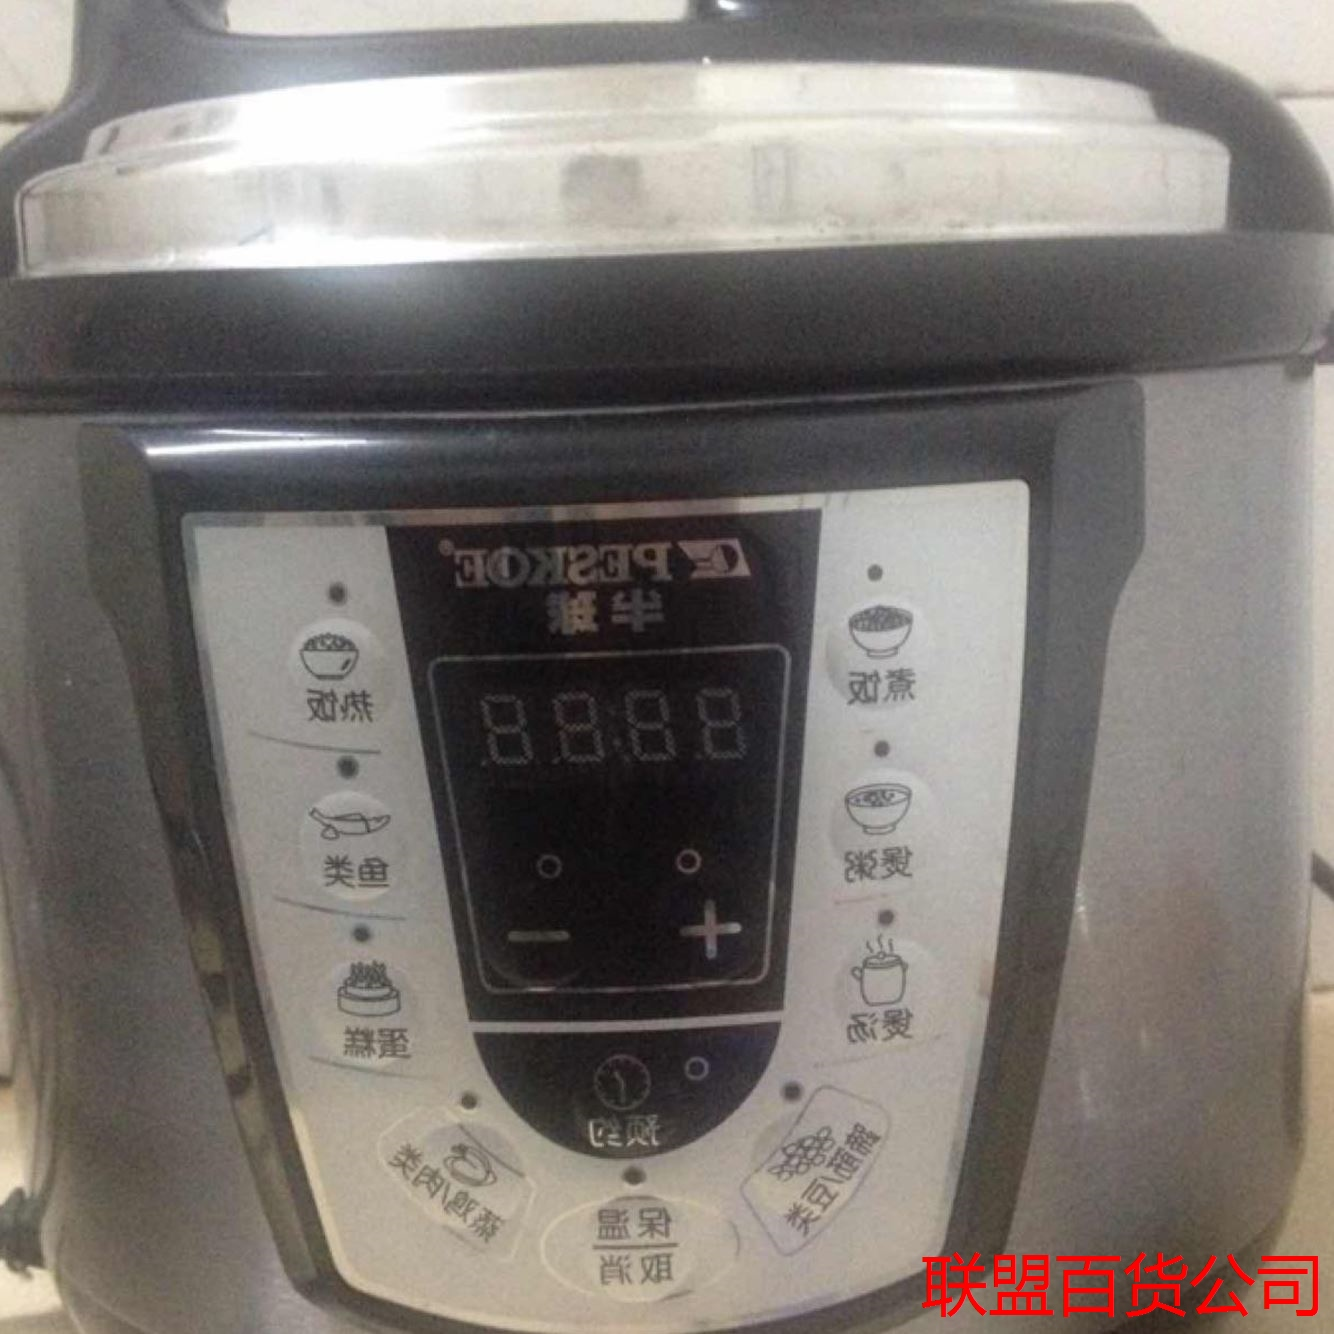 正品Peskoe/半球D2电压力锅智能饭煲汤高压力锅家用厨房小家电器